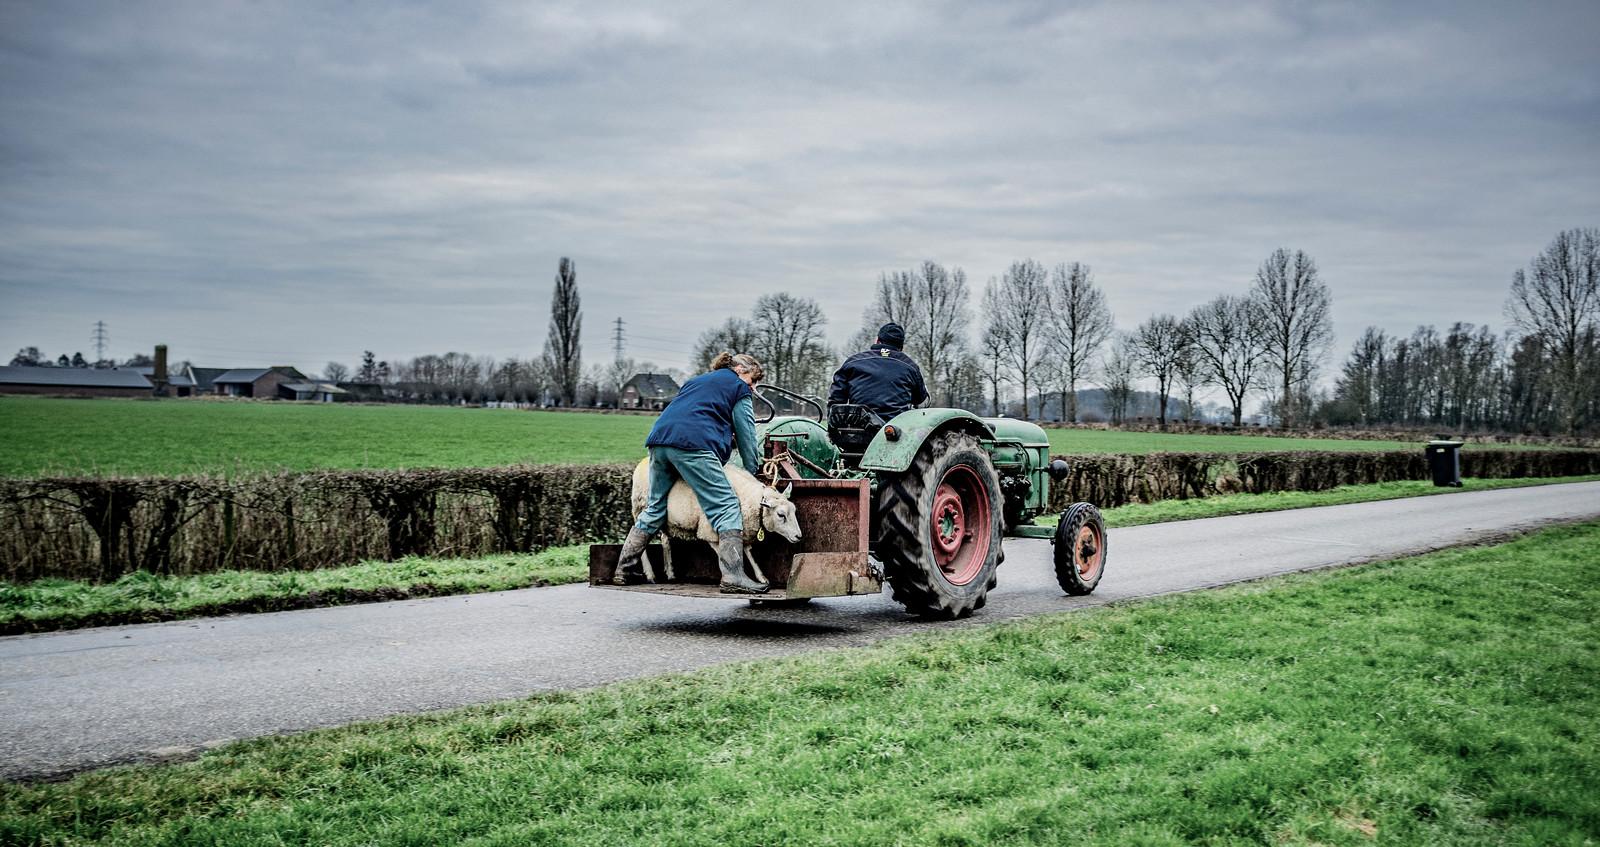 Welke weg kiezen veehouders? Zich laten uitkopen door de overheid of gewoon doorgaan?